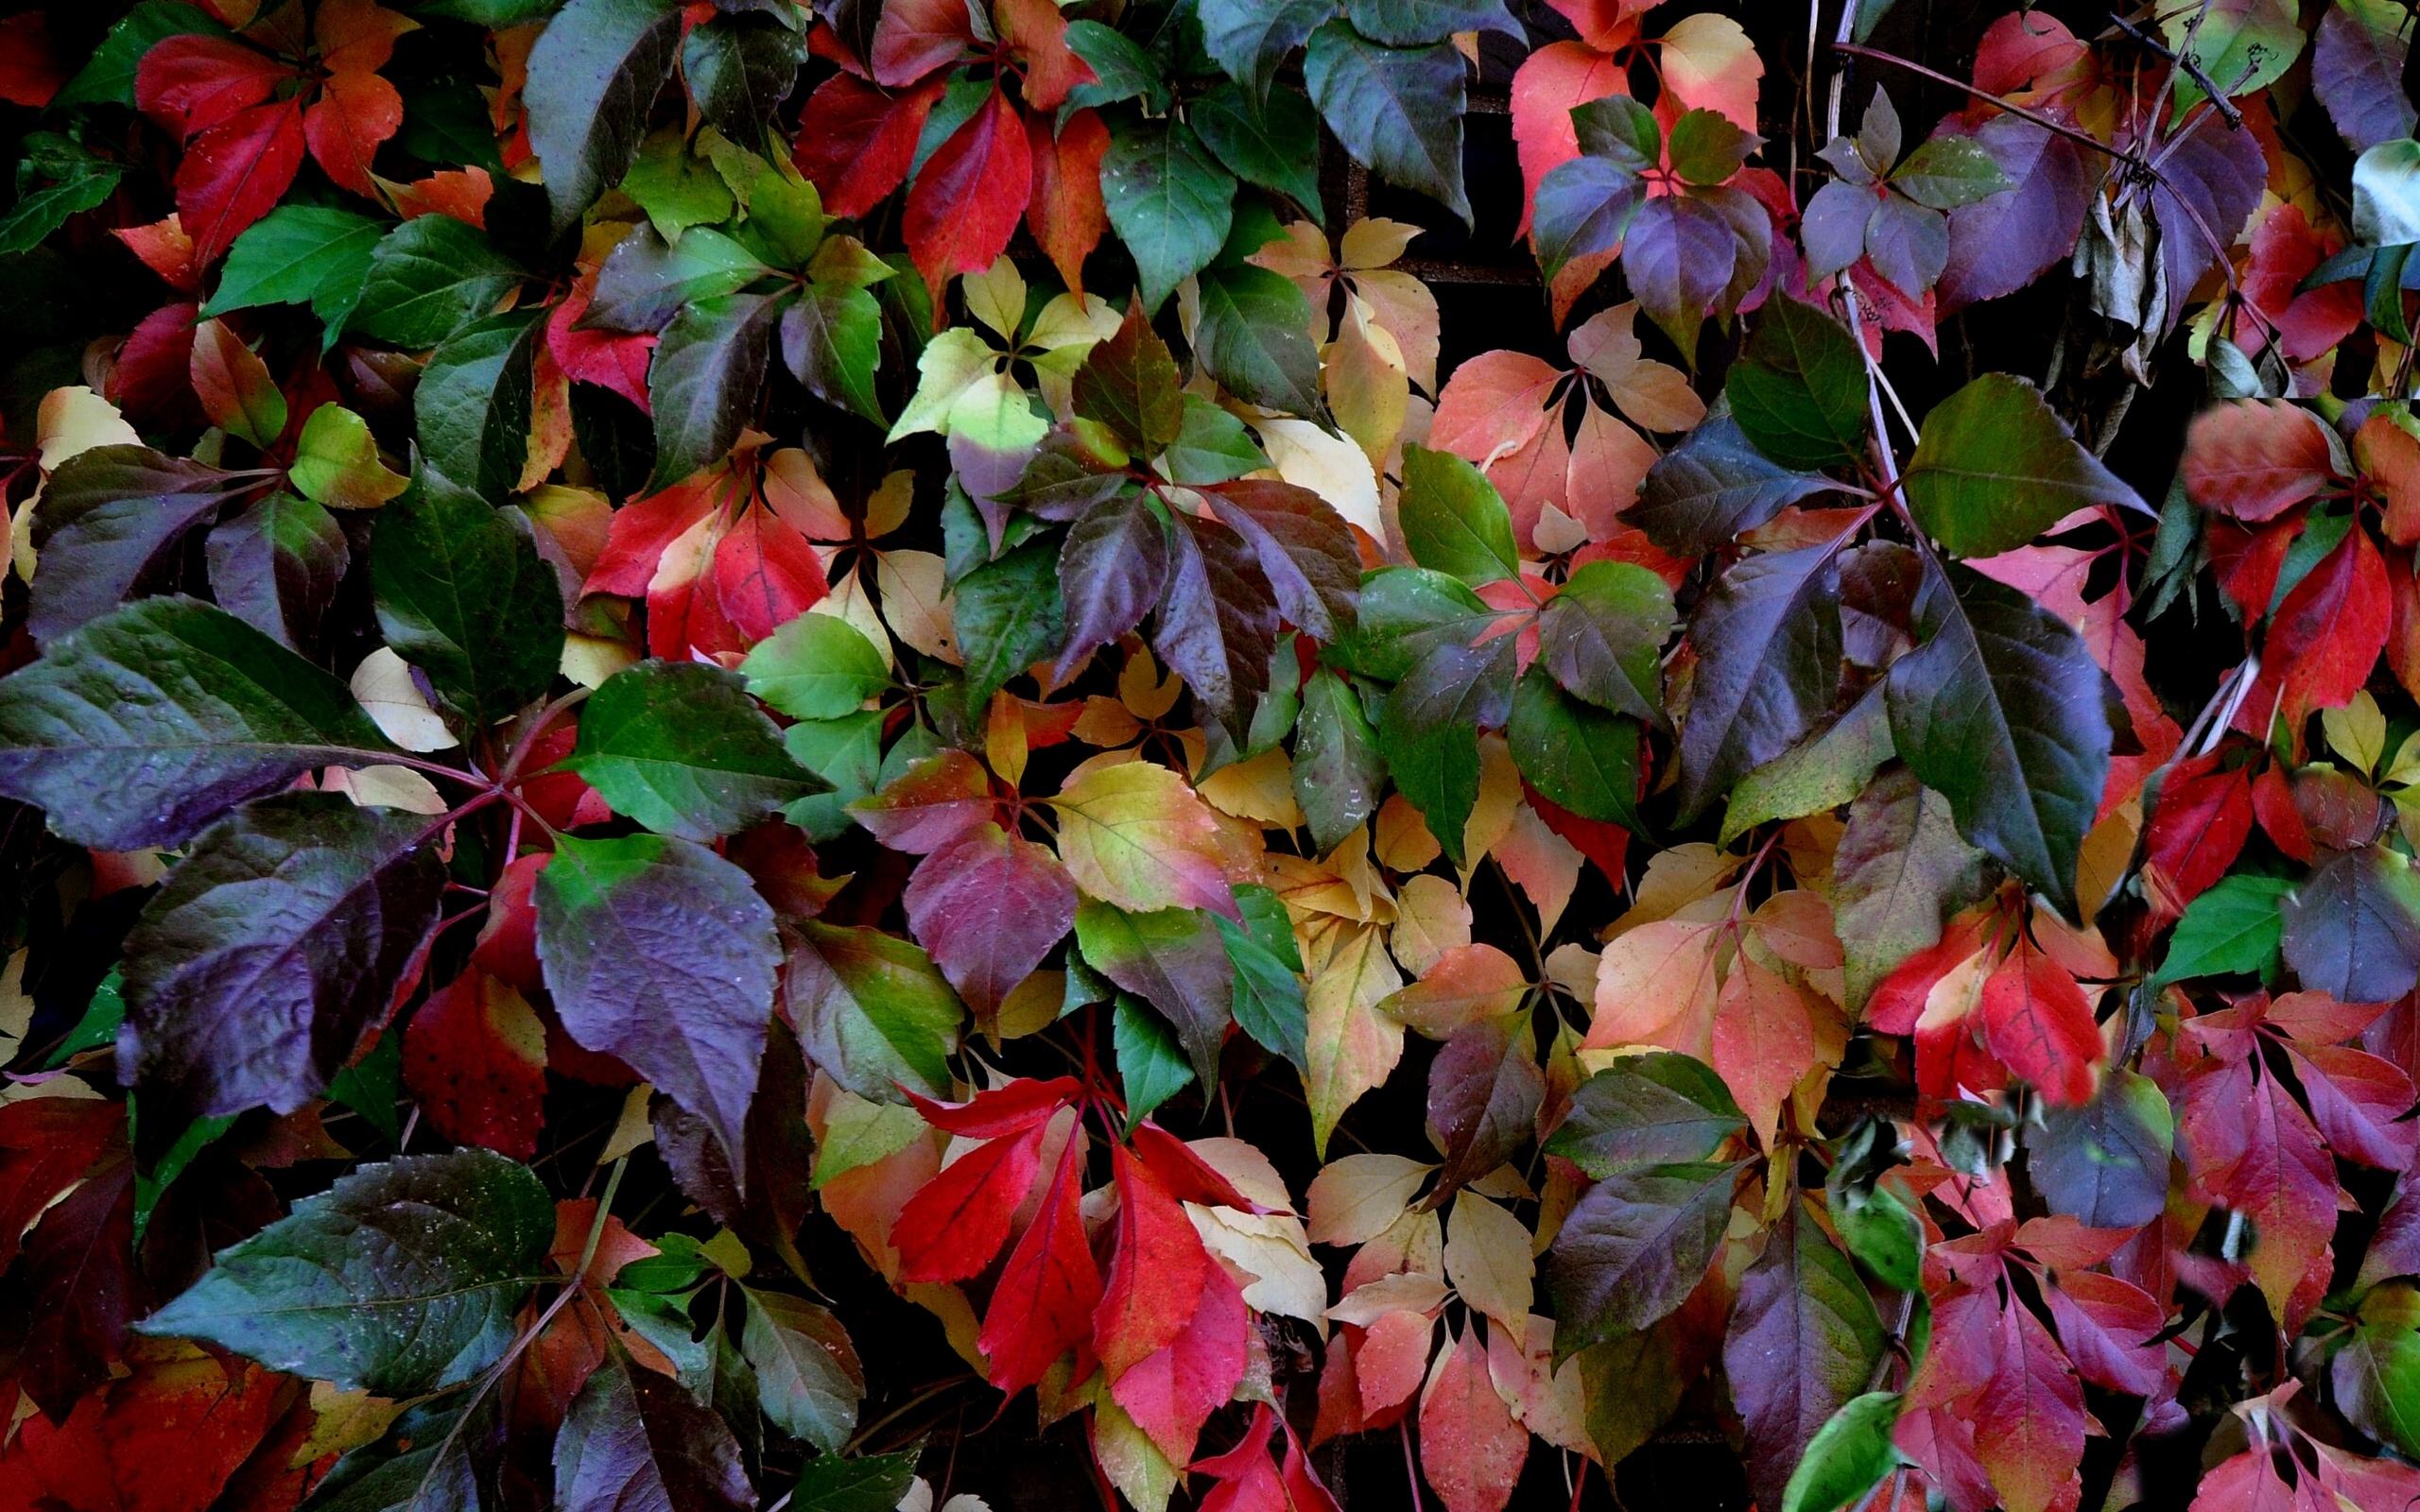 Frosty Fall Leaves Wallpaper Leave Wallpapers Hd Desktop Wallpapers 4k Hd